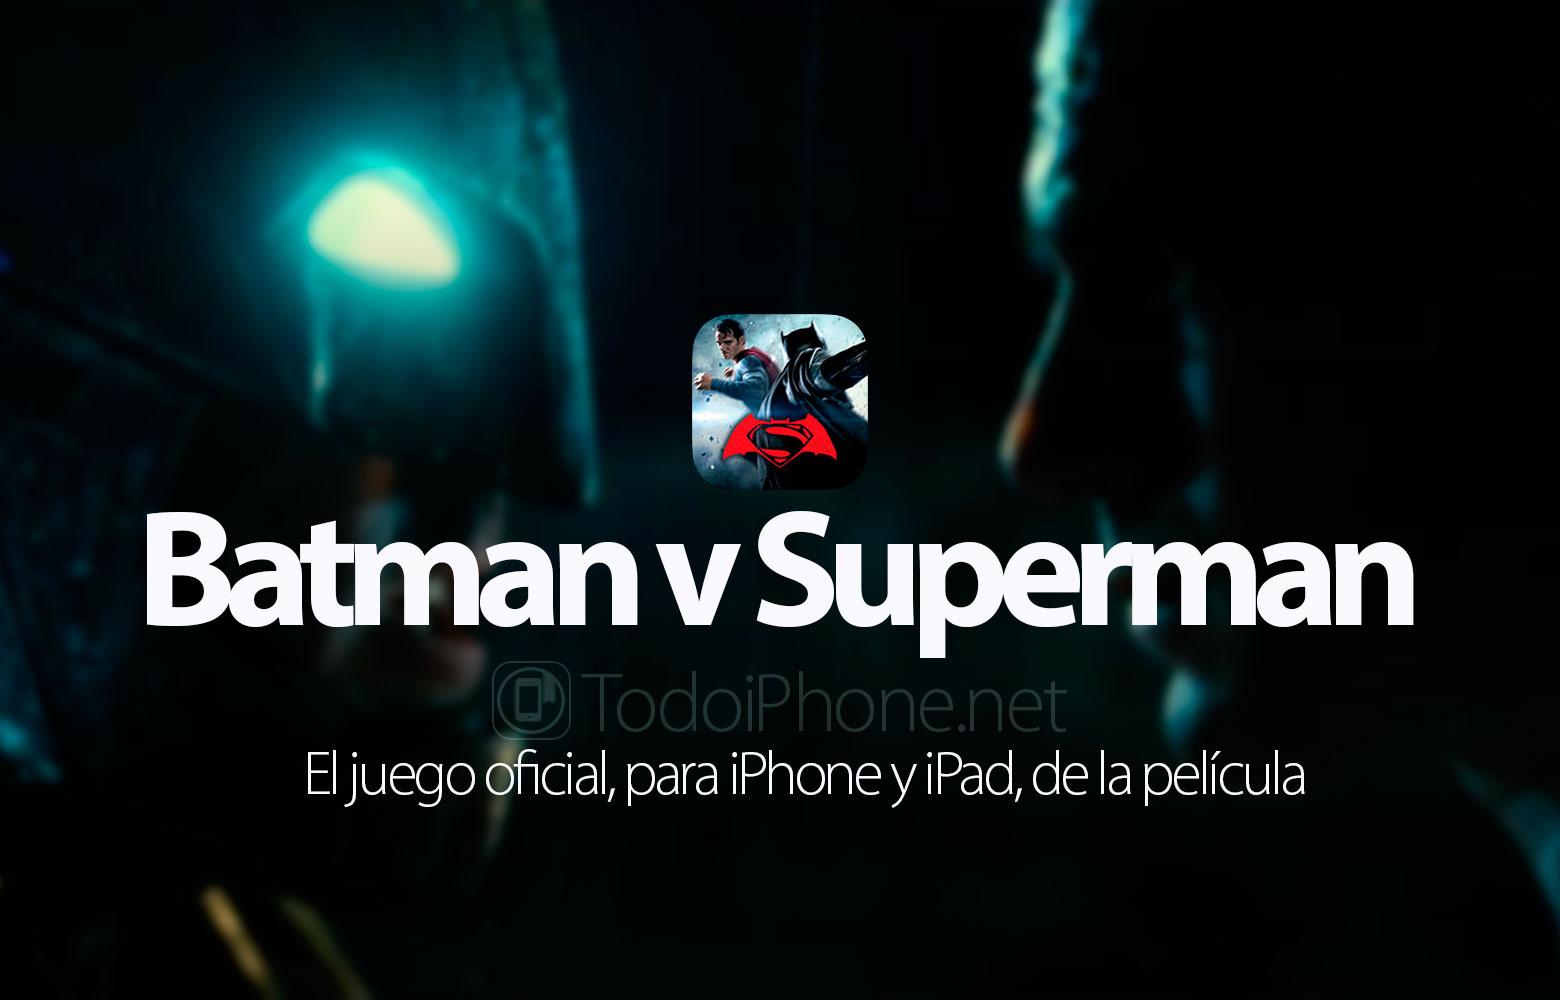 batman-v-superman-juego-oficial-iphone-ipad